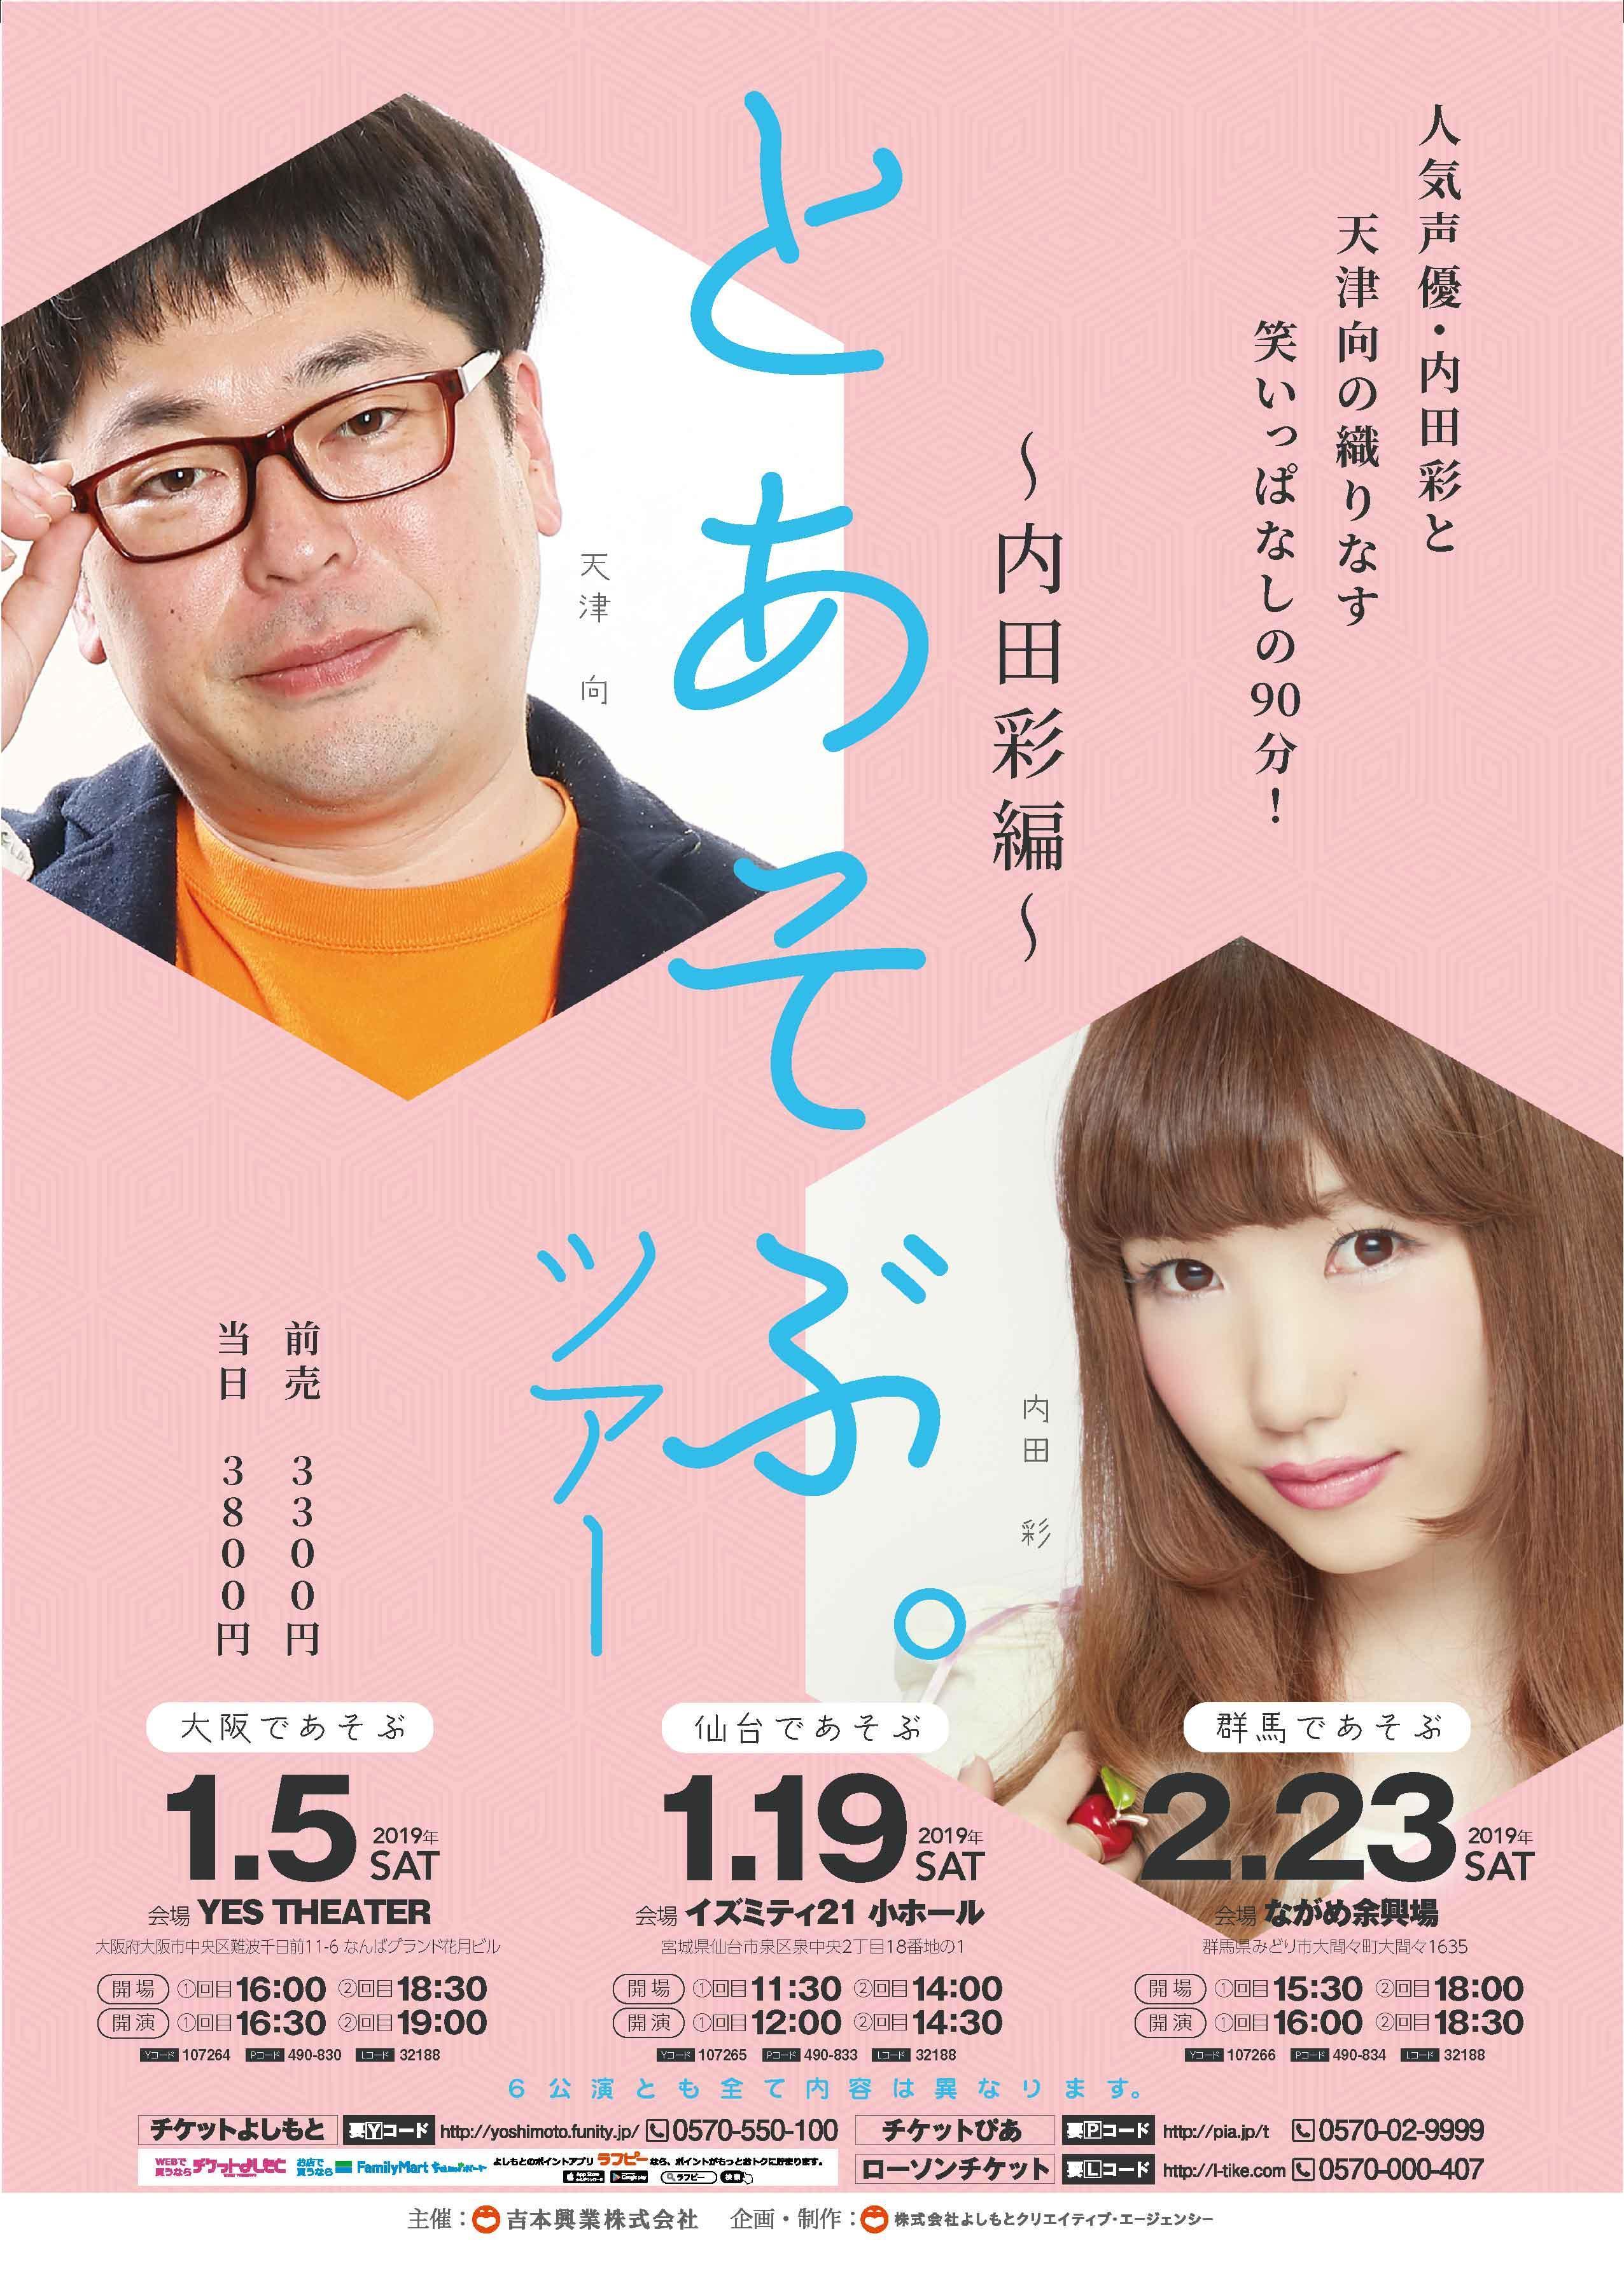 http://news.yoshimoto.co.jp/20181109163211-88e46484667467c16c9f08e16b5a9ddea8b3961e.jpg